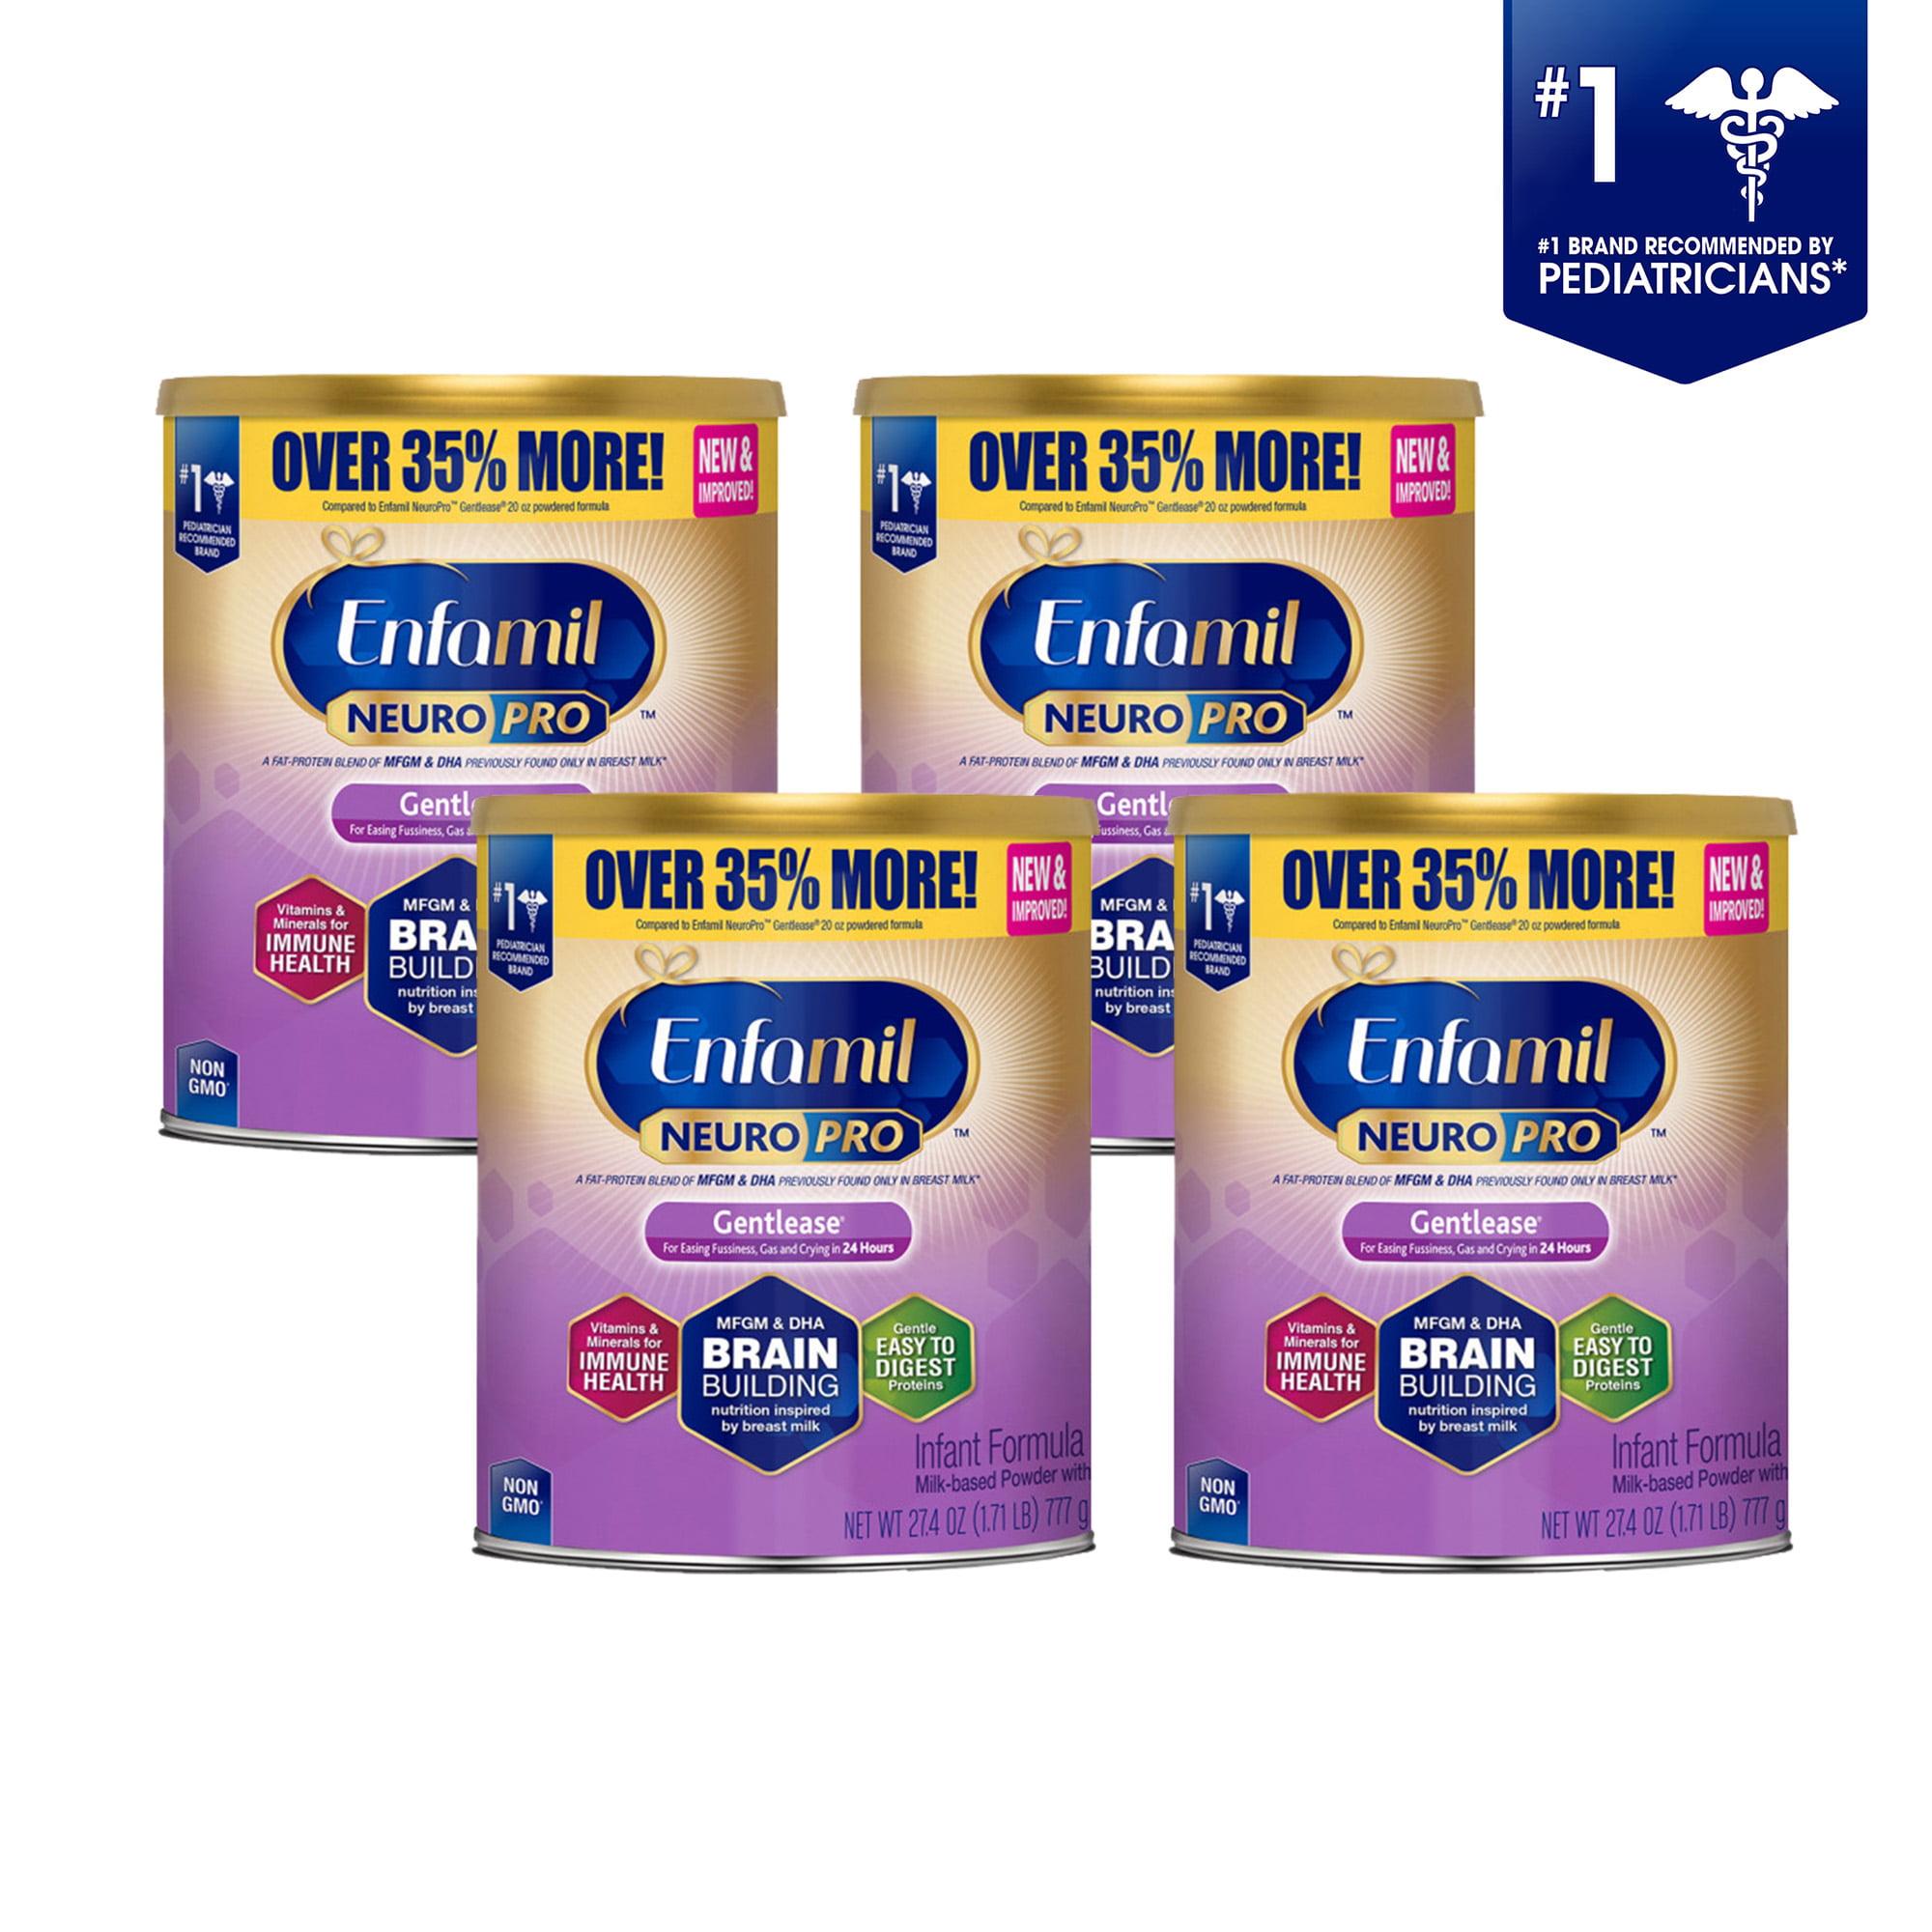 Enfamil Gentlease NeuroPro Baby Formula, 27.4 oz Powder Value Can (4 Pack) by Enfamil Gentlease